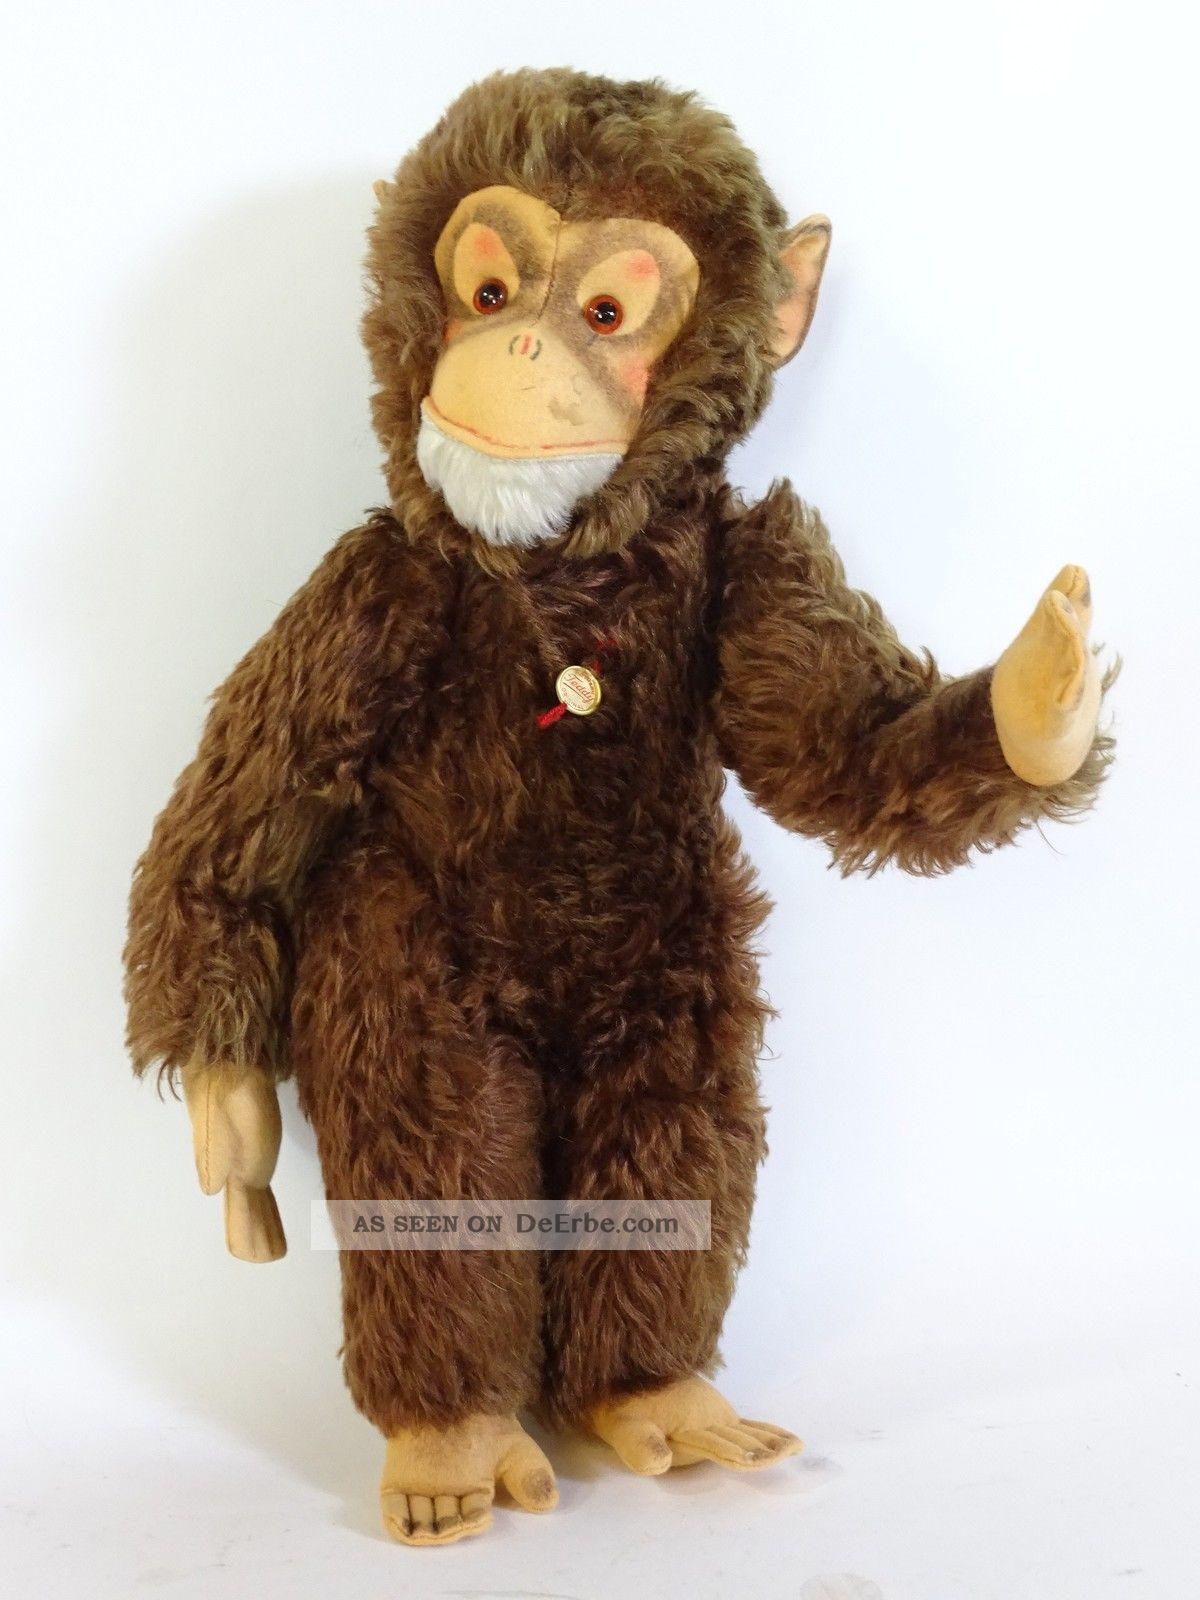 Alter Hermann Teddy Seltener Riesiger Affe Fest Gestopft Stofftiere & Teddybären Bild